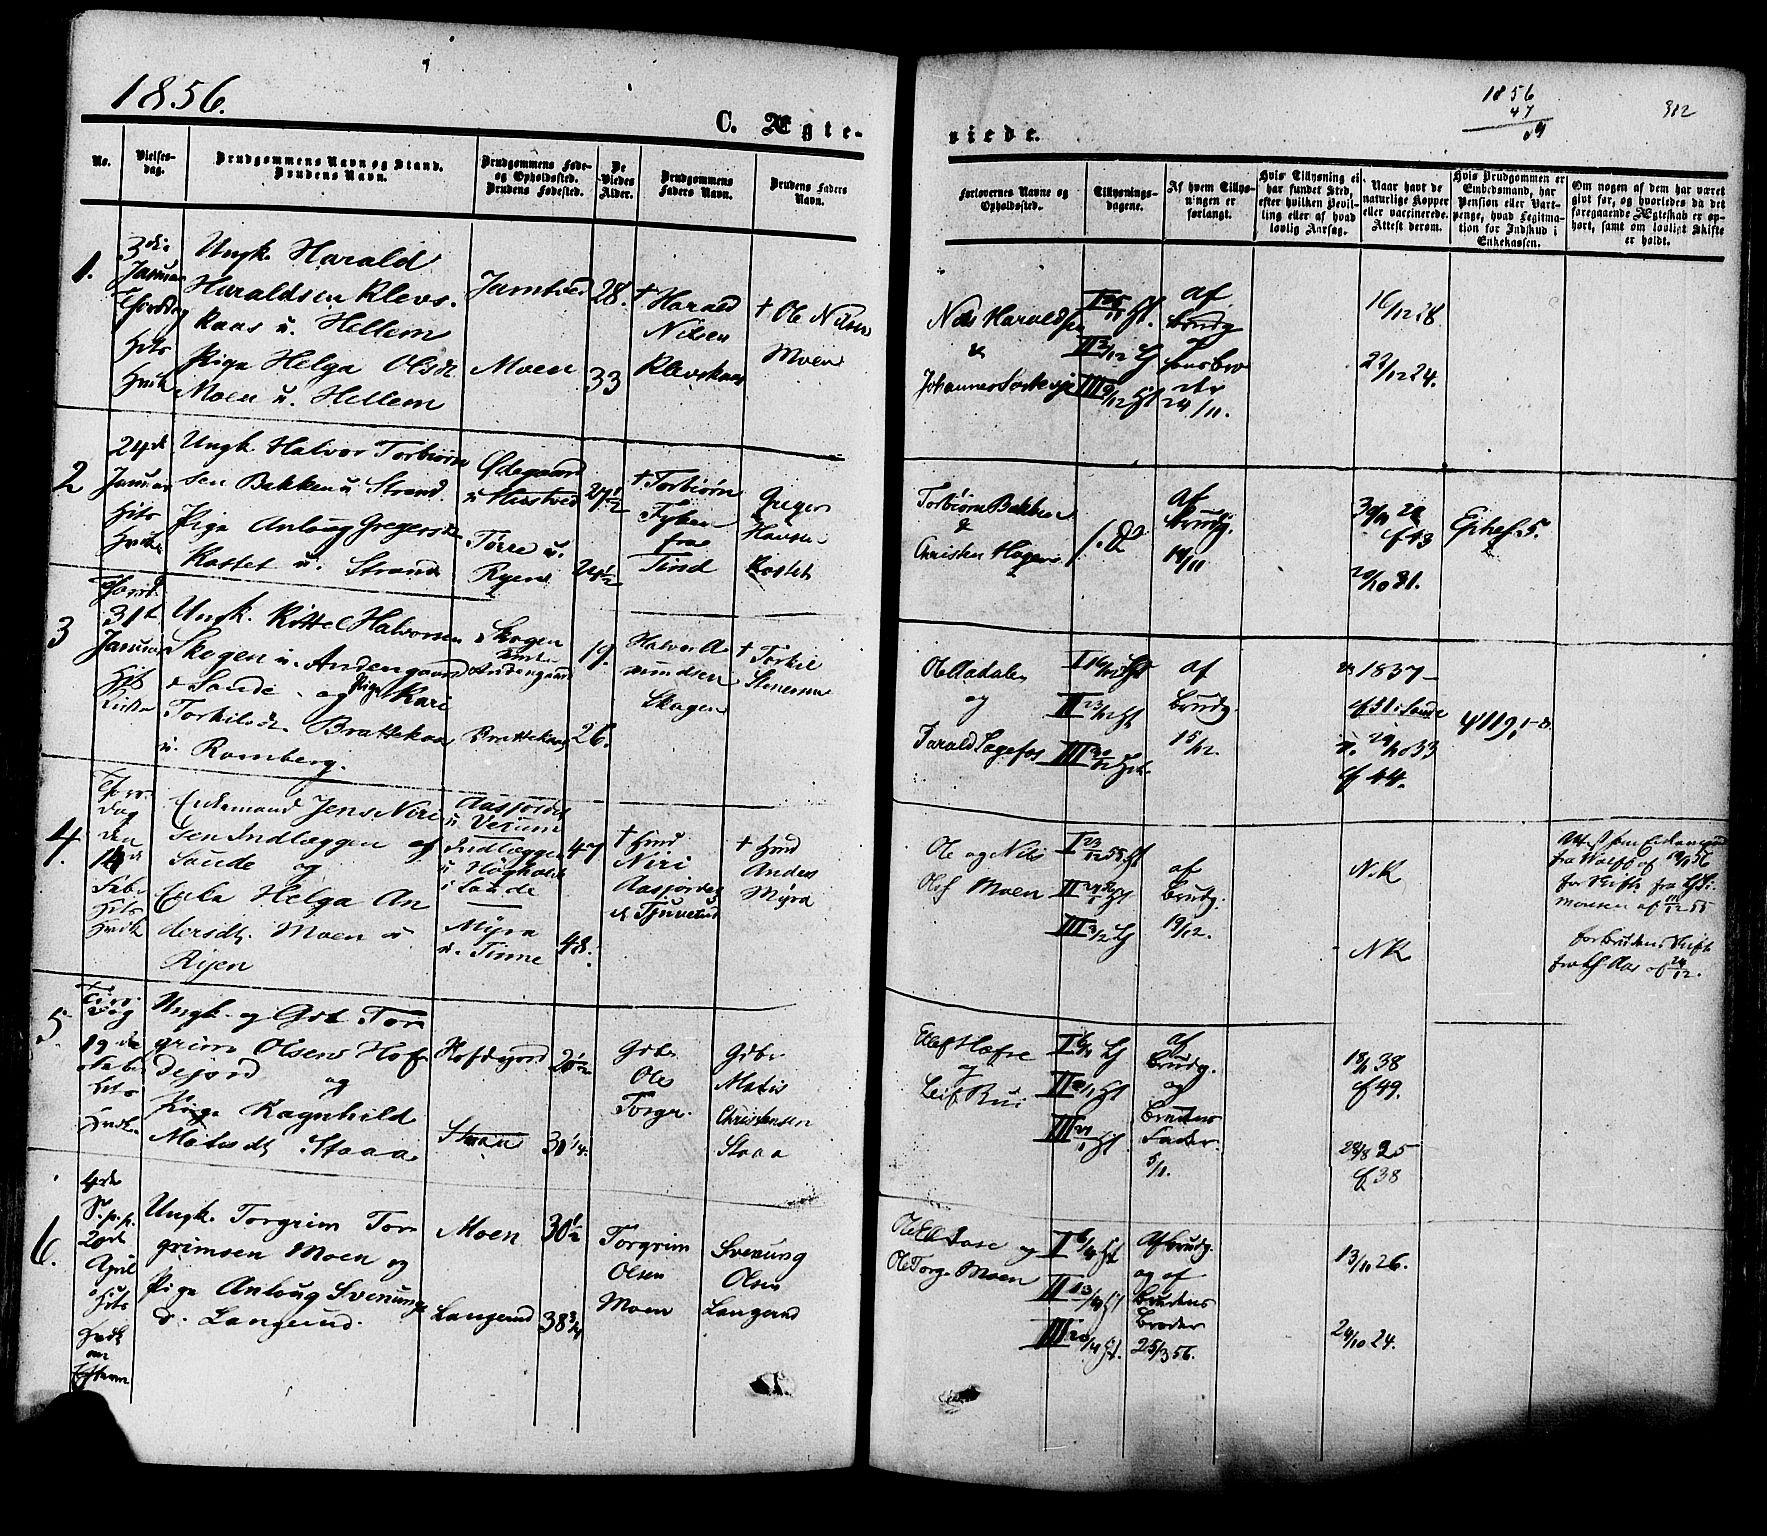 SAKO, Heddal kirkebøker, F/Fa/L0007: Ministerialbok nr. I 7, 1855-1877, s. 312